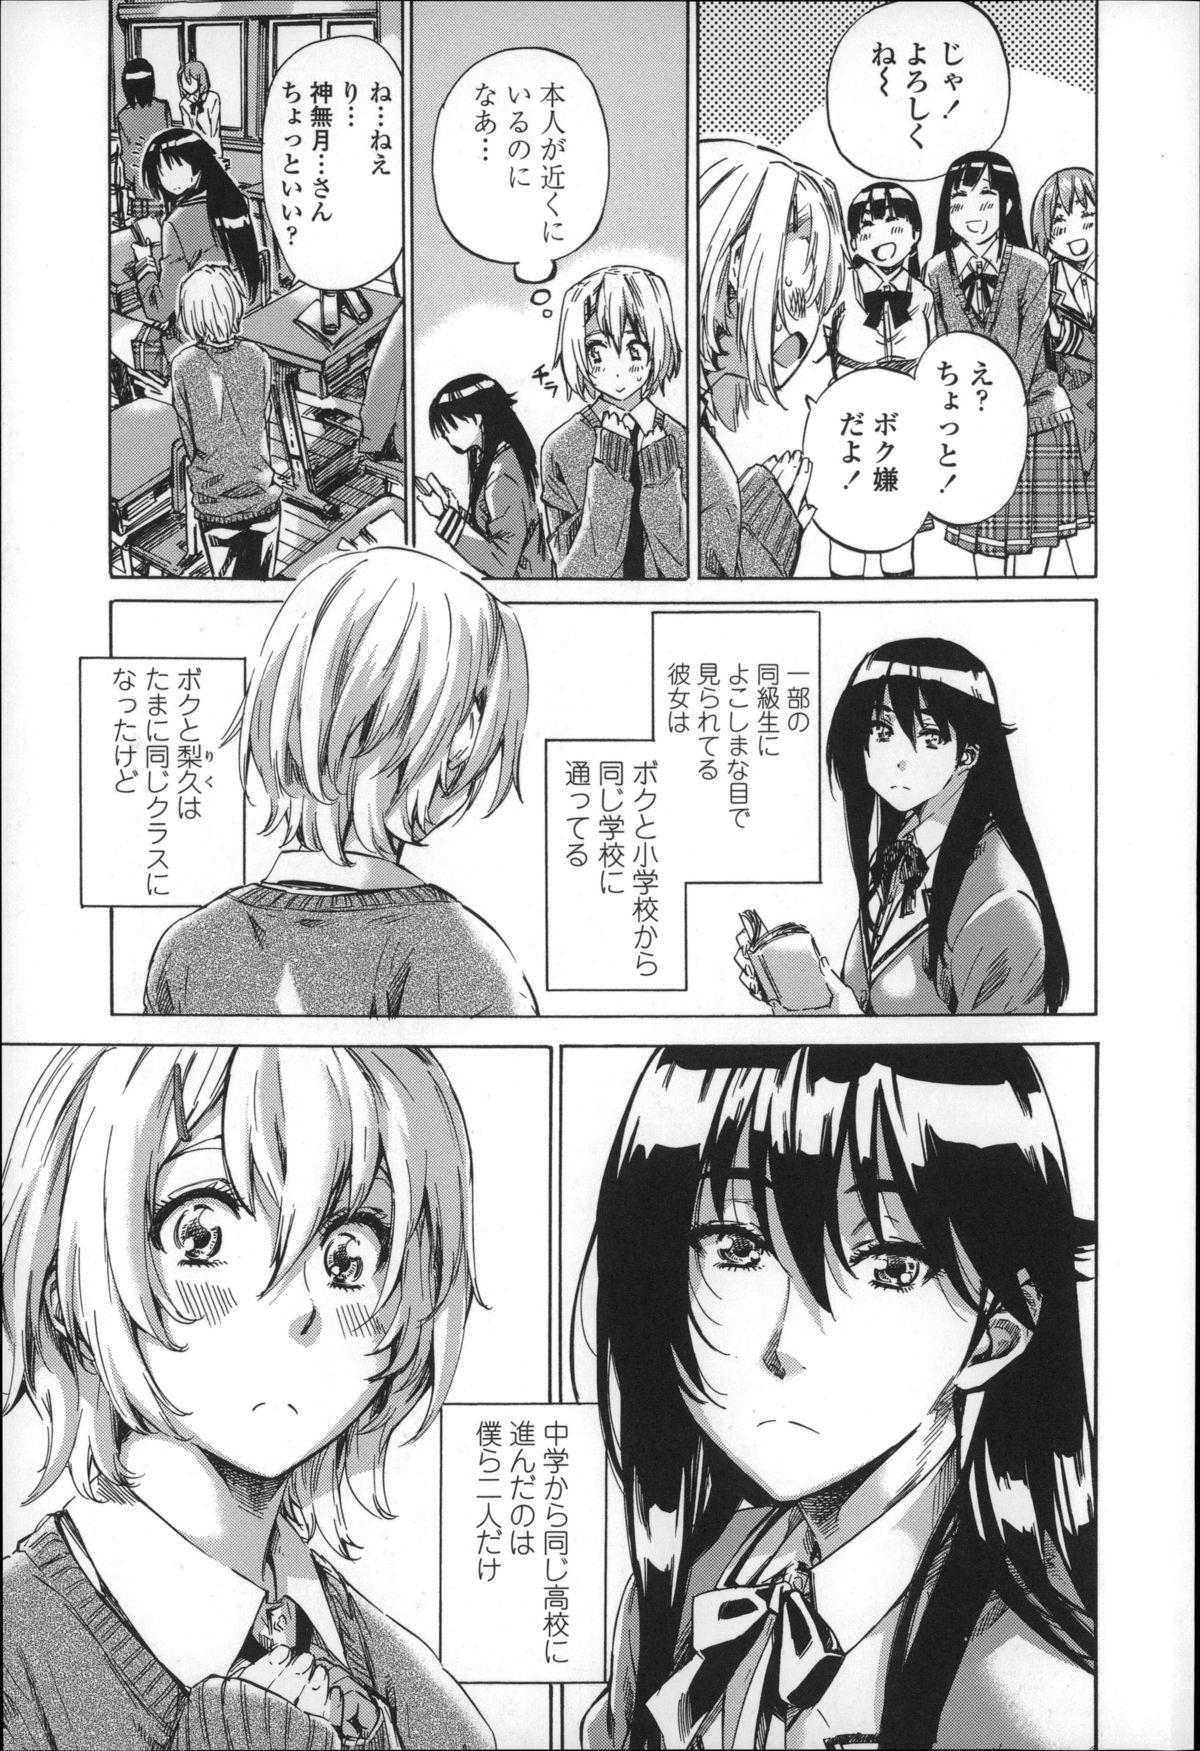 Choushin de Mukuchi no Kanojo ga Hatsujou Shite Kitara Eroiyo ne? 8